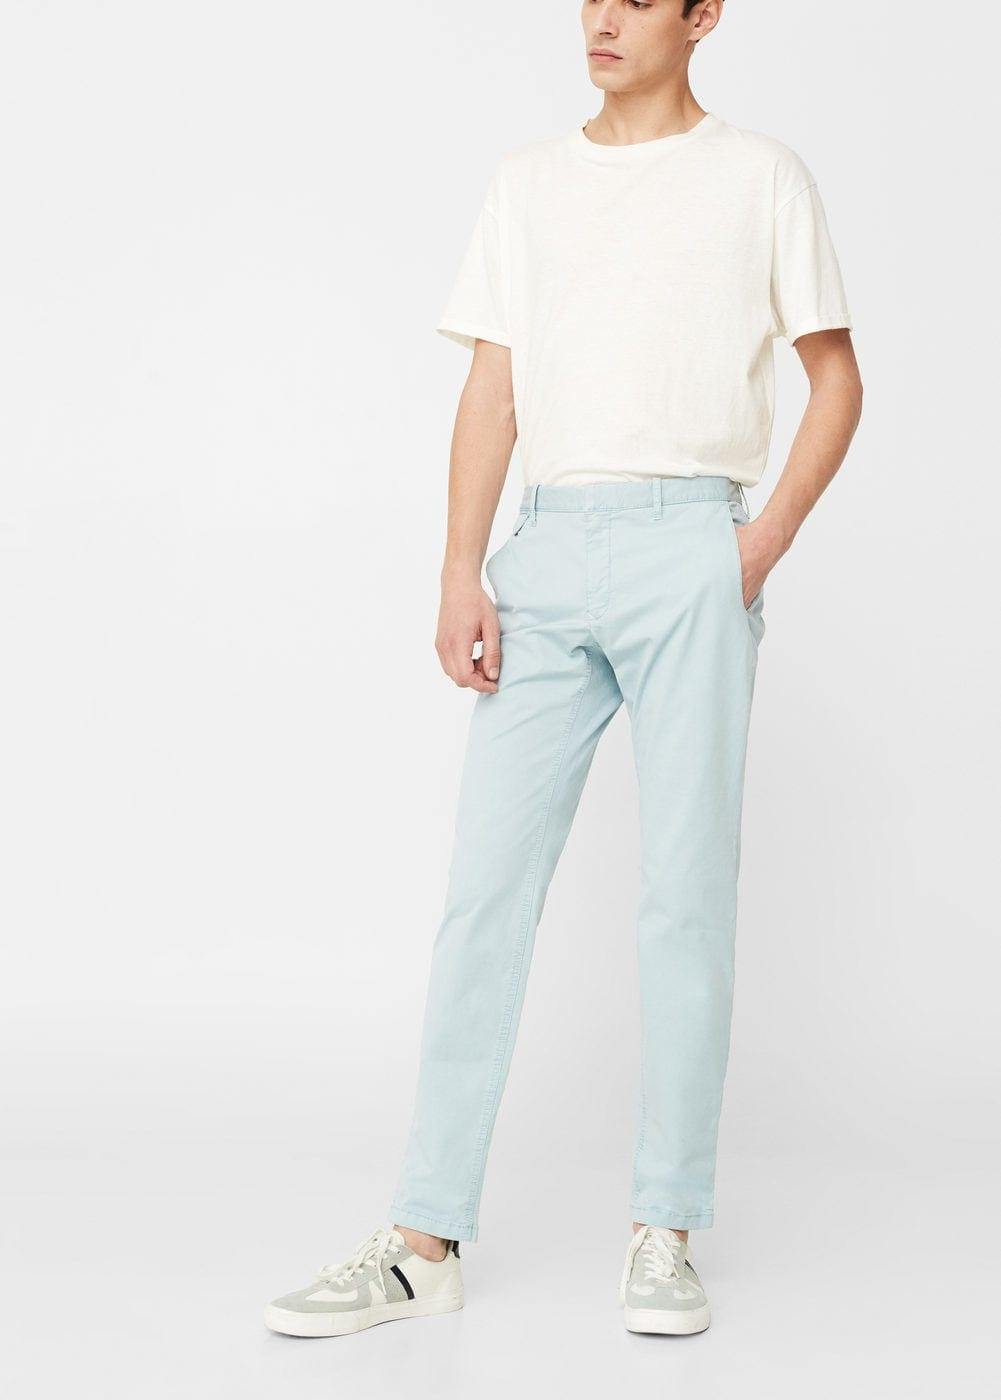 Verano Pantalones Combinarlos En Claros Cómo ZHX4XqRI